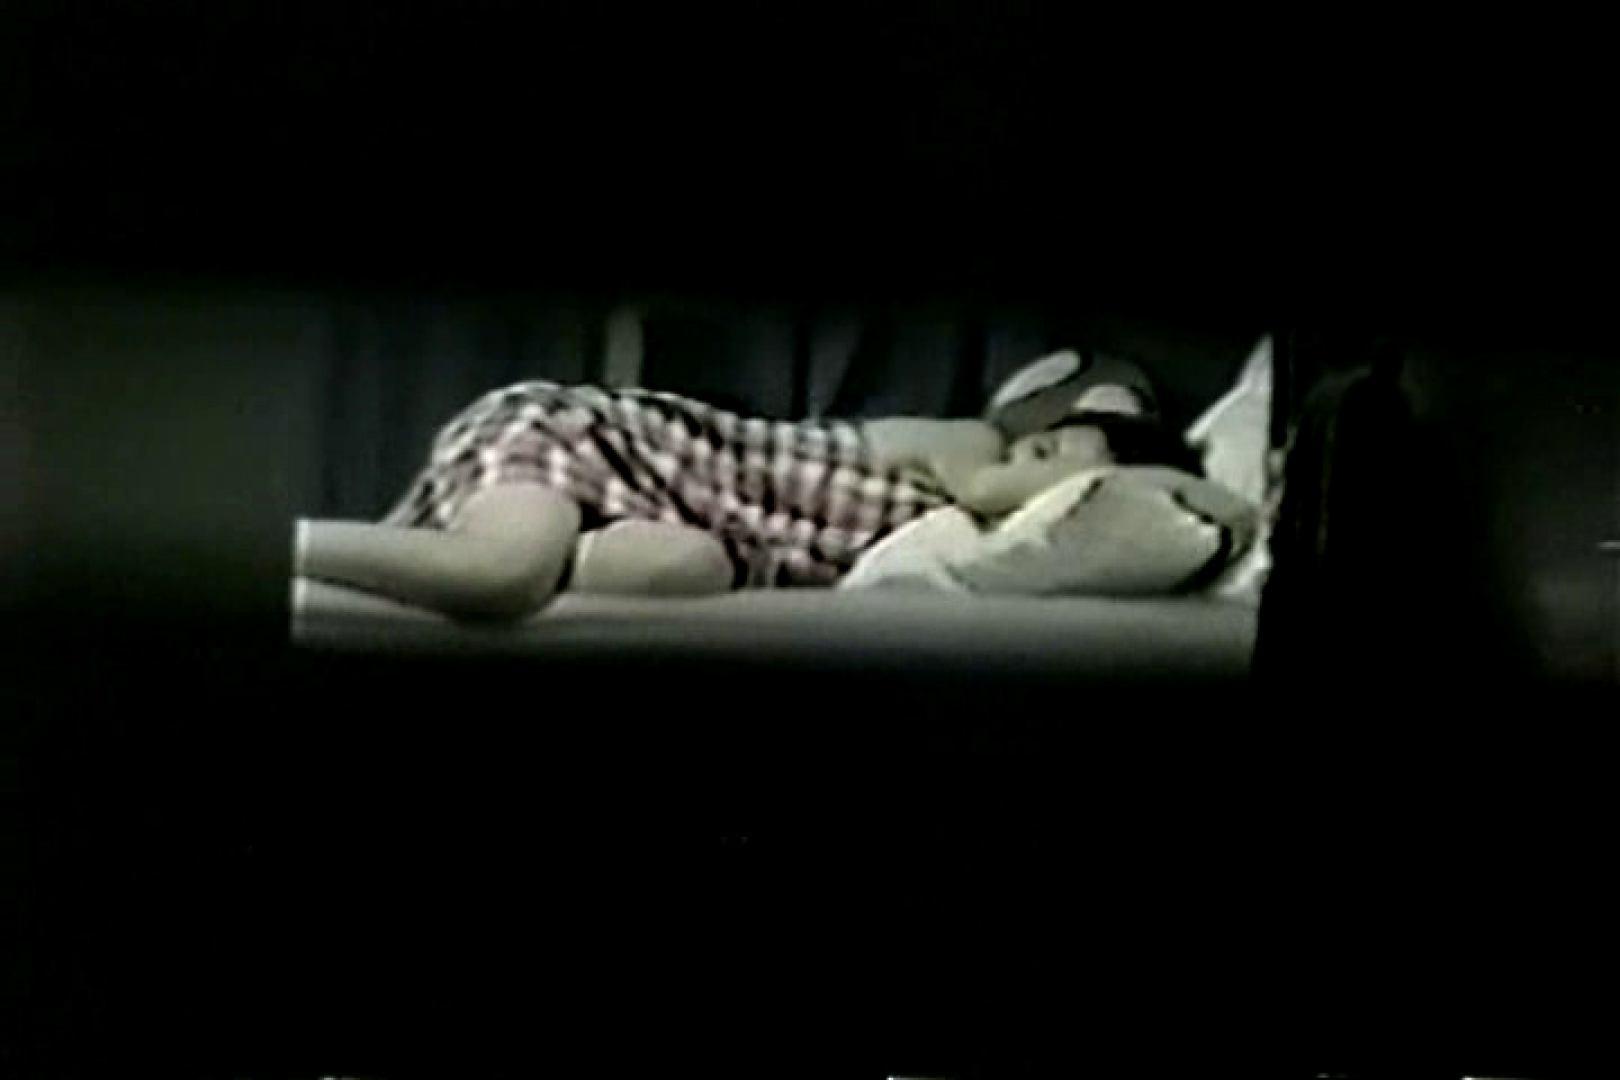 深夜の撮影会Vol.6 覗き エロ無料画像 56pic 18